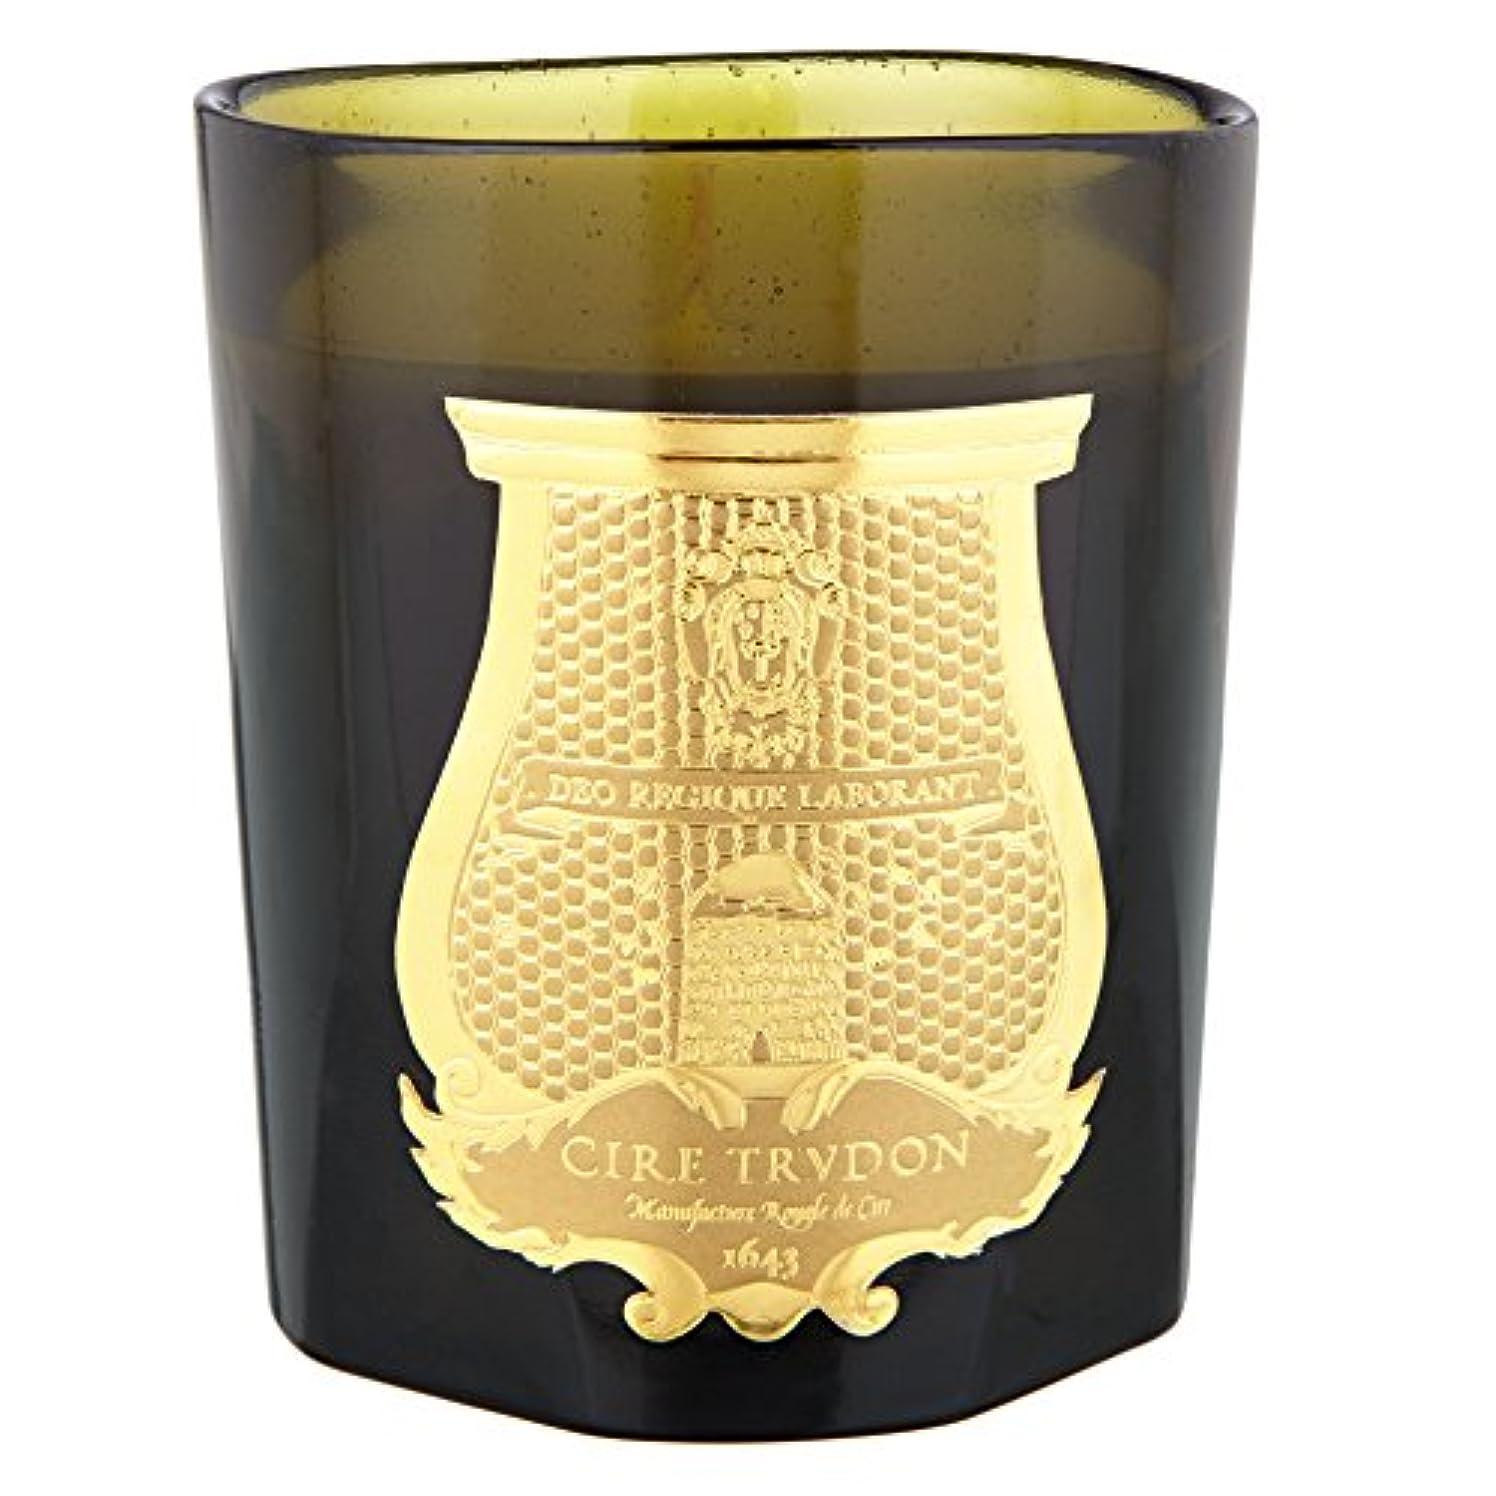 シュガーマイク数Cire Trudon Proletaire Scented Candle (Pack of 2) - Cire Trudon Proletaire香りのキャンドル (Cire Trudon) (x2) [並行輸入品]